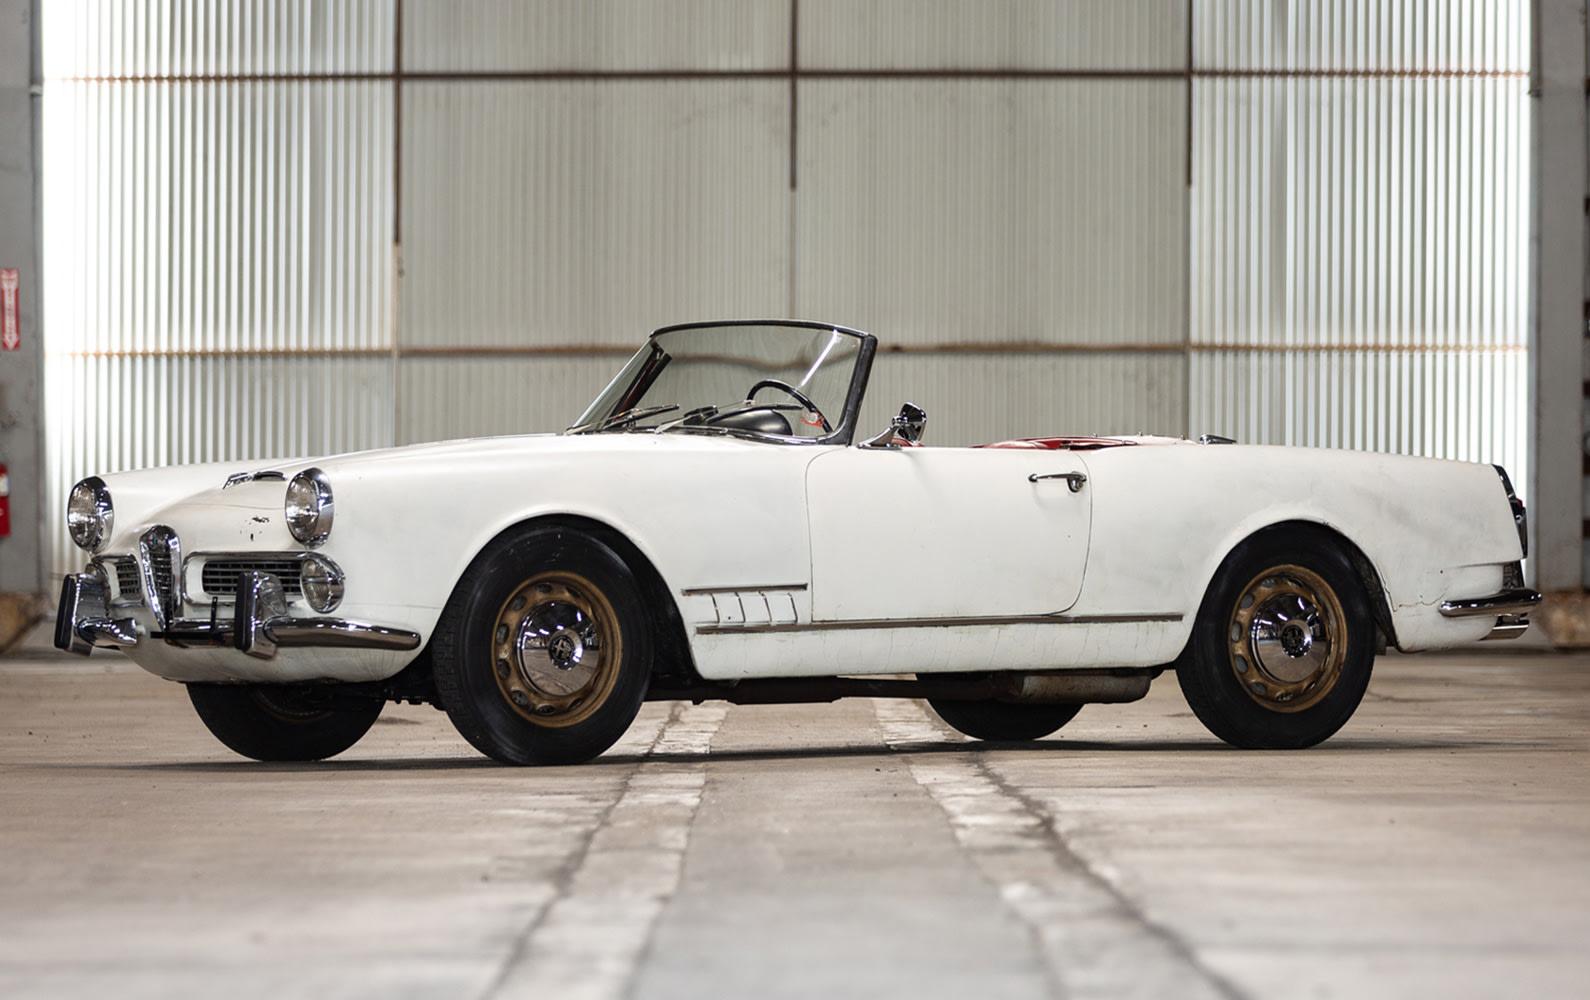 Prod/O21A - Scottsdale 2021/1444 - 1960 Alfa Romeo 2000 Spider/1960_Alfa_Romeo_2000_Spider_2_cwm8ha